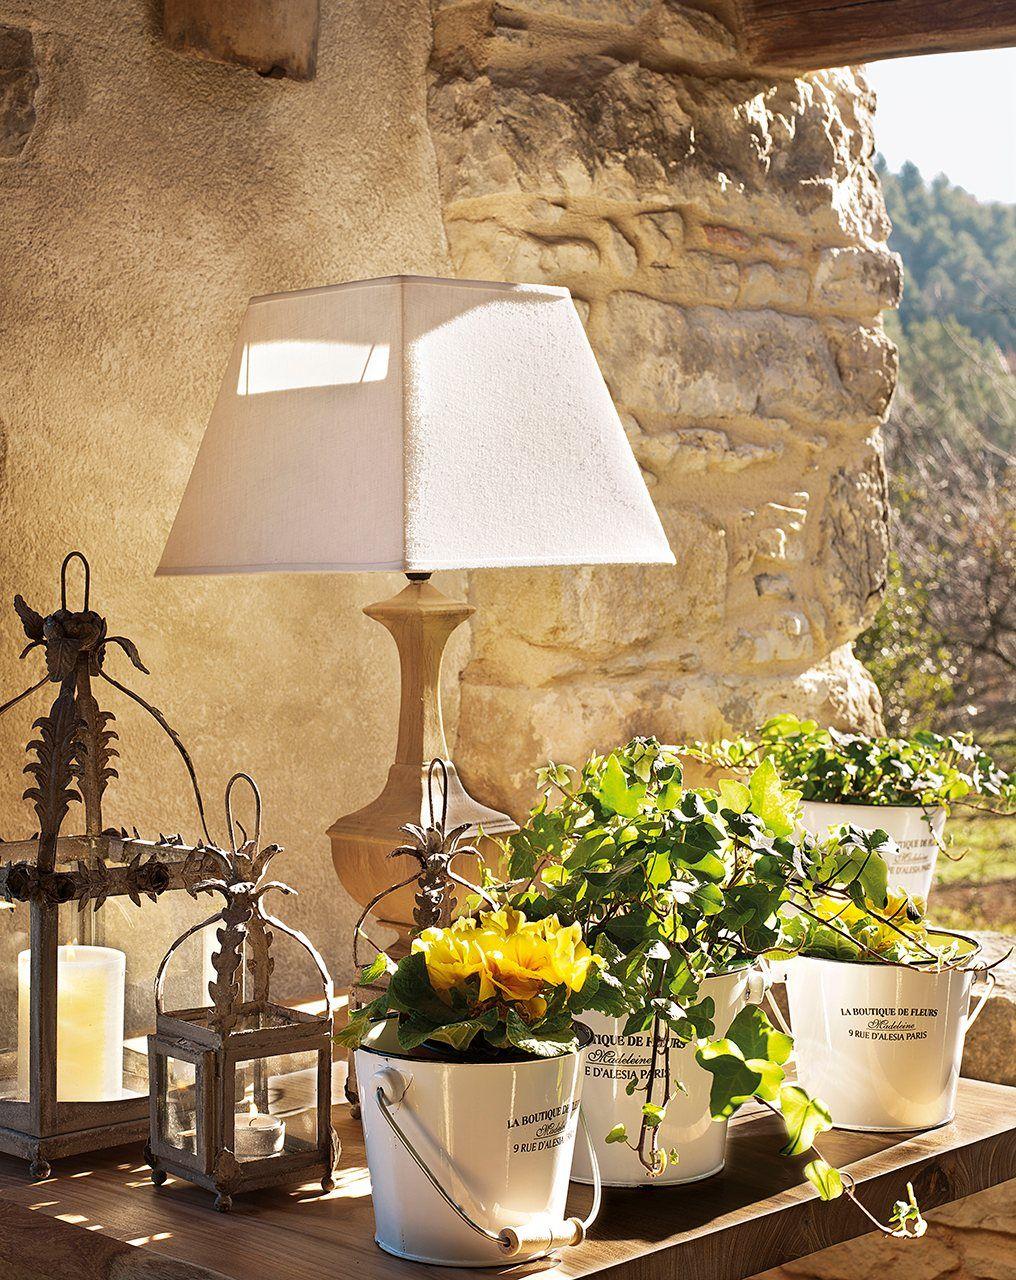 Una casa rústica con toques de estilo francés elmueble casas